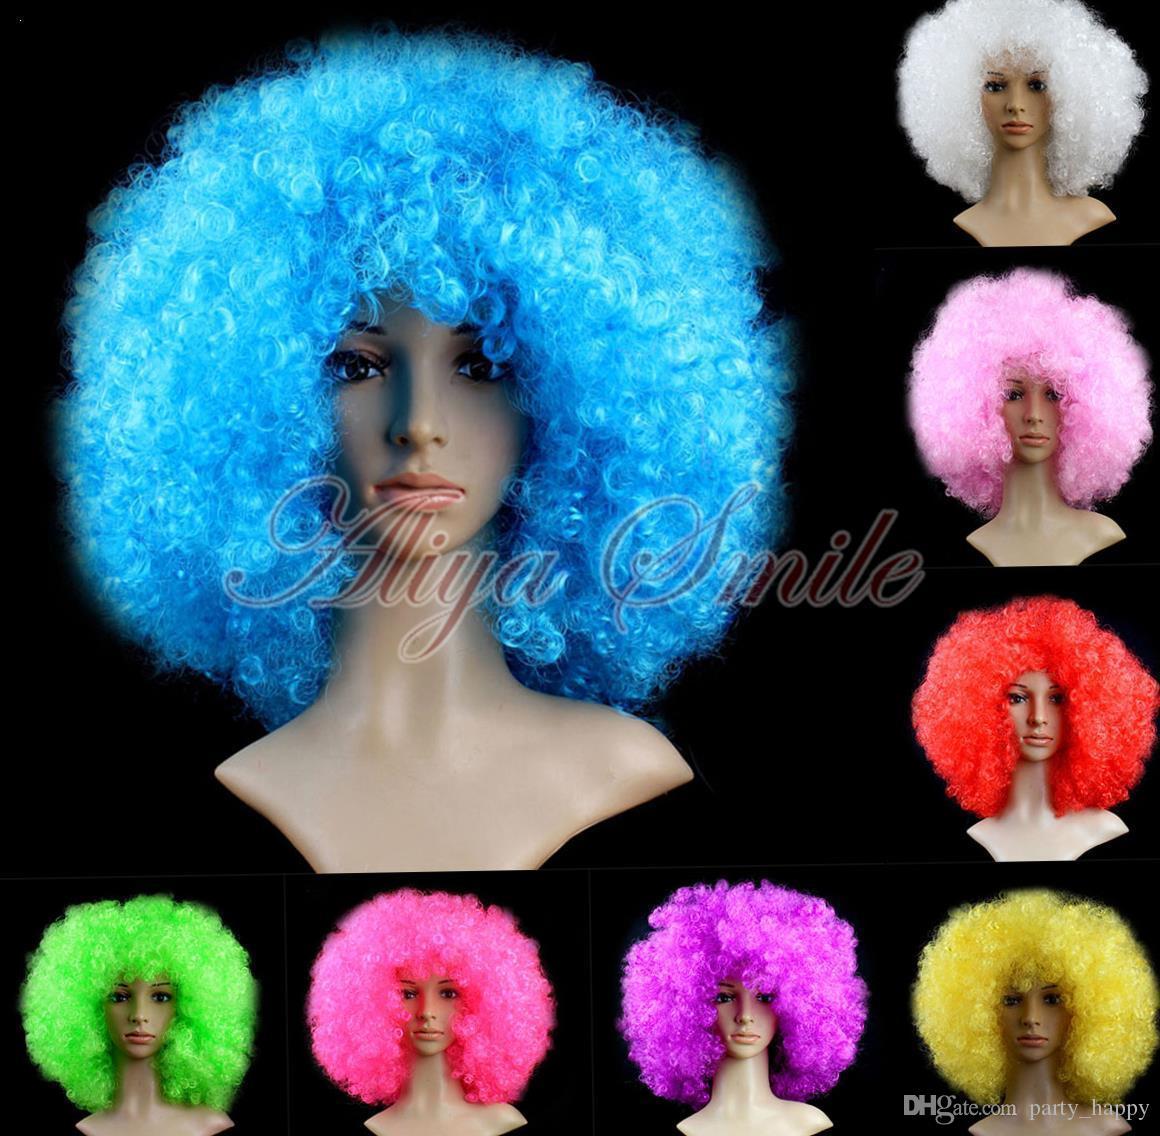 Disfraz de Halloween Payaso Rizado Circo Afro Disfraces Cabello Discotecas Color Conjunto de peluca de payaso Accesorios divertidos Fiesta de Navidad Cosplay